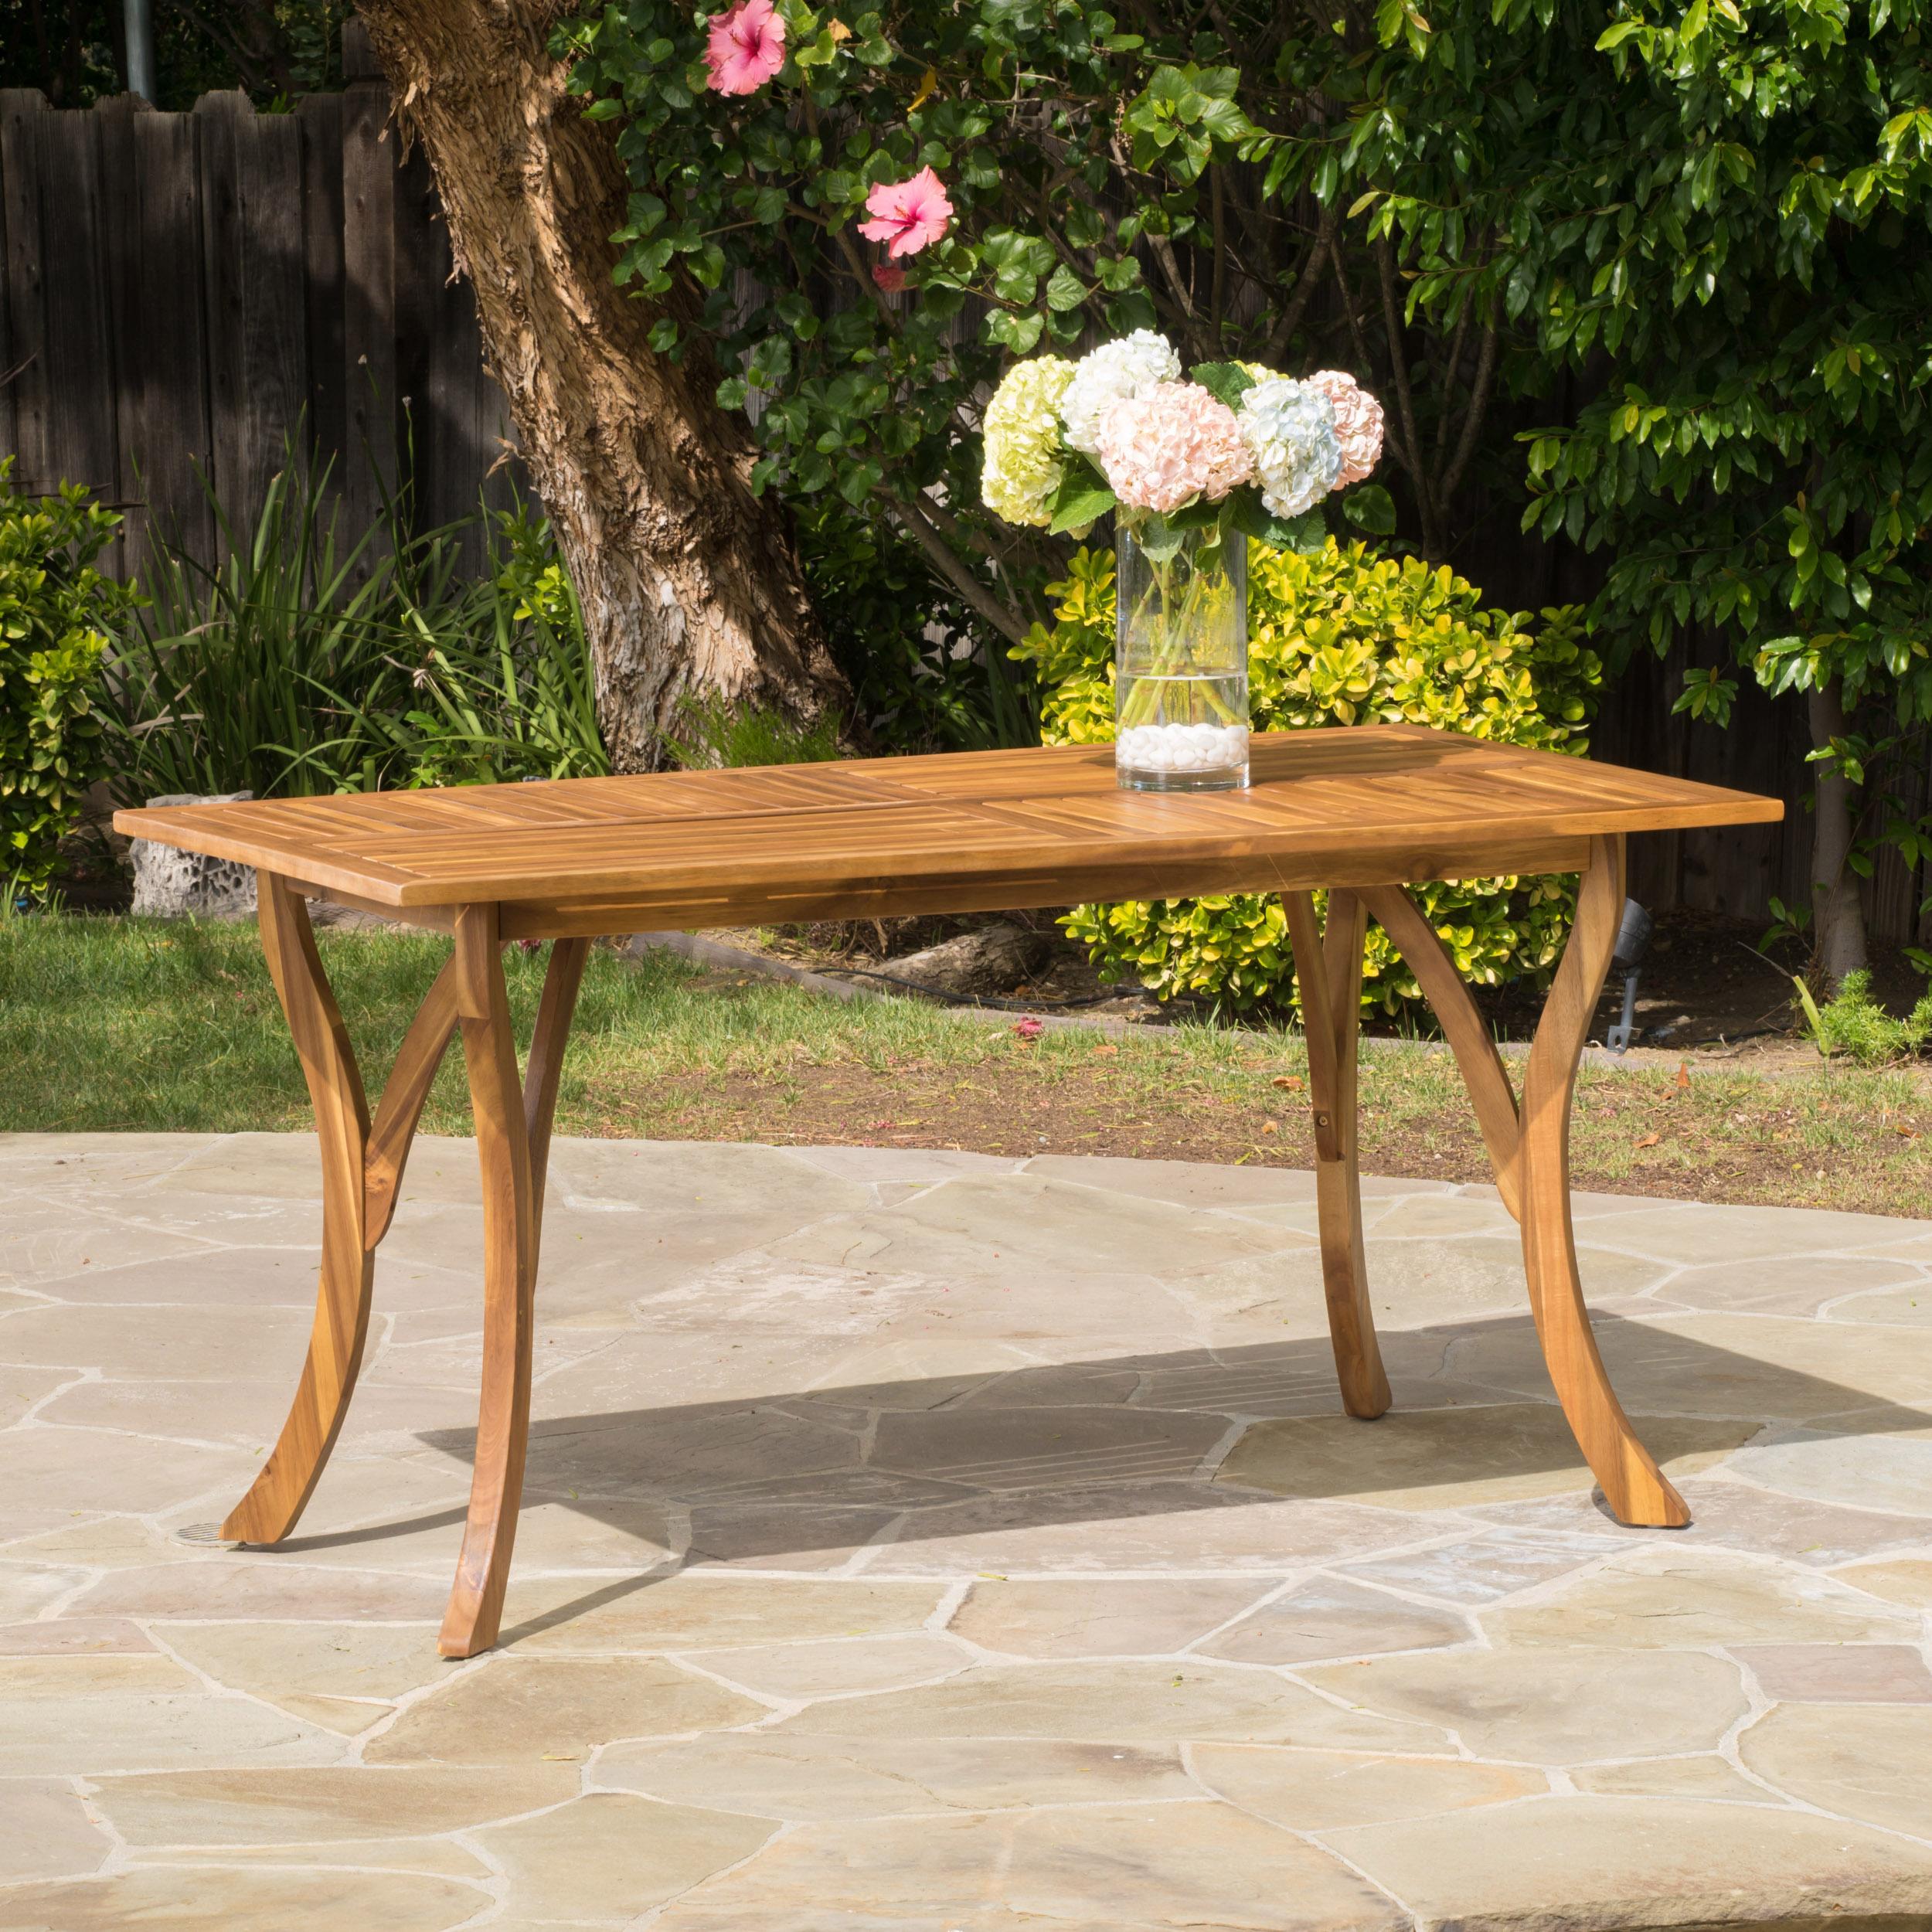 Kamala Outdoor Acacia Wood Rectangular Dining Table, Teak Finish